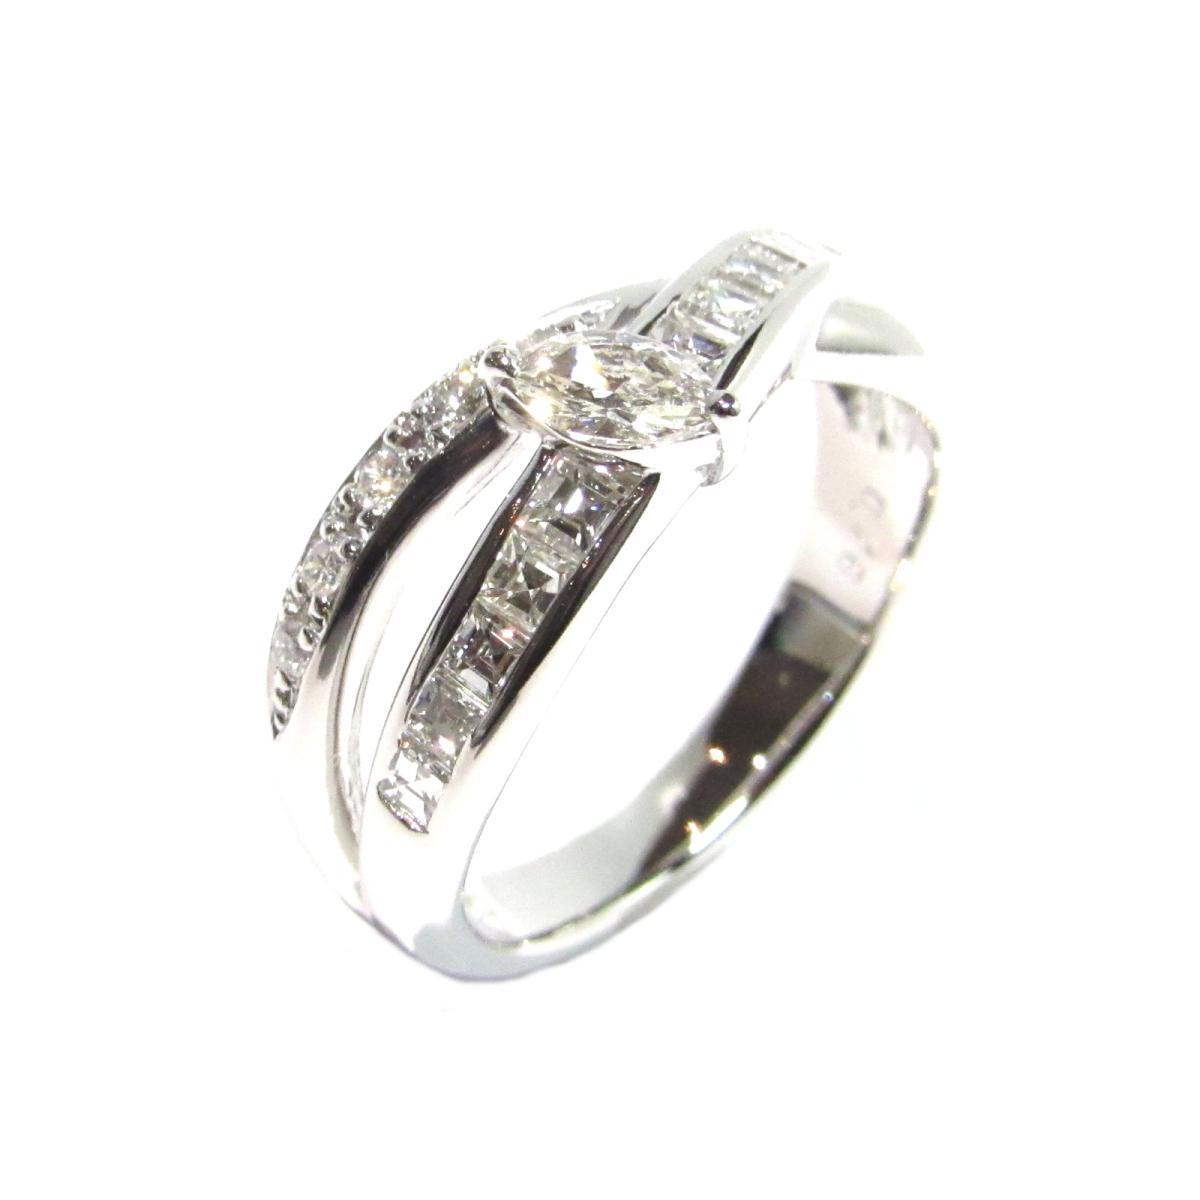 【中古】 ジュエリー ダイヤモンドリング 指輪 レディース PT900 プラチナ × ダイヤモンド0.76ct シルバー × クリアー | JEWELRY リング リング 美品 ブランドオフ BRANDOFF